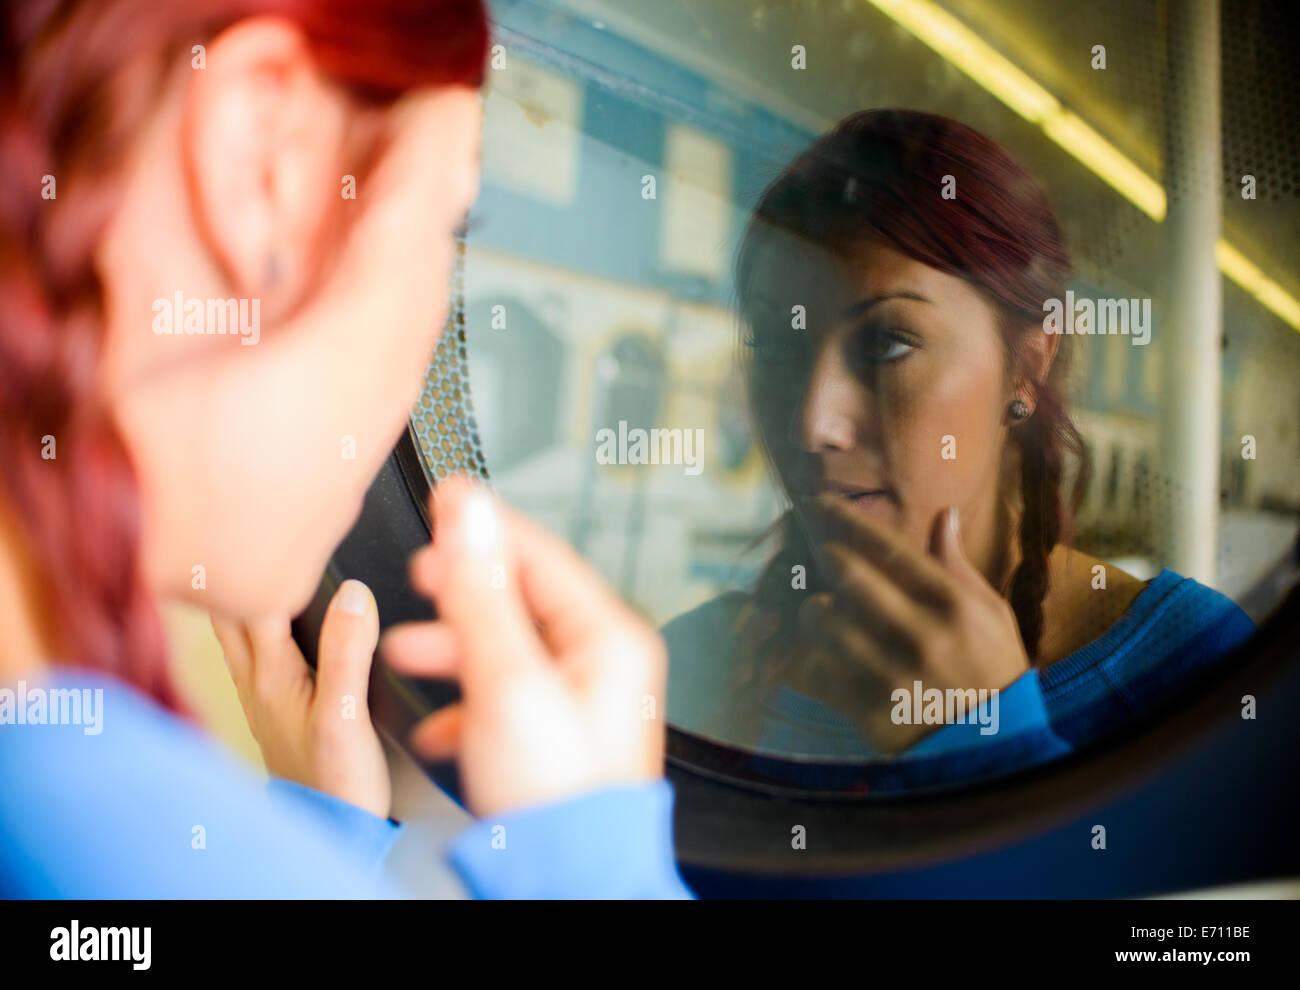 Junge Frau im Waschsalon, Blick auf Reflexion in Waschmaschine Stockbild